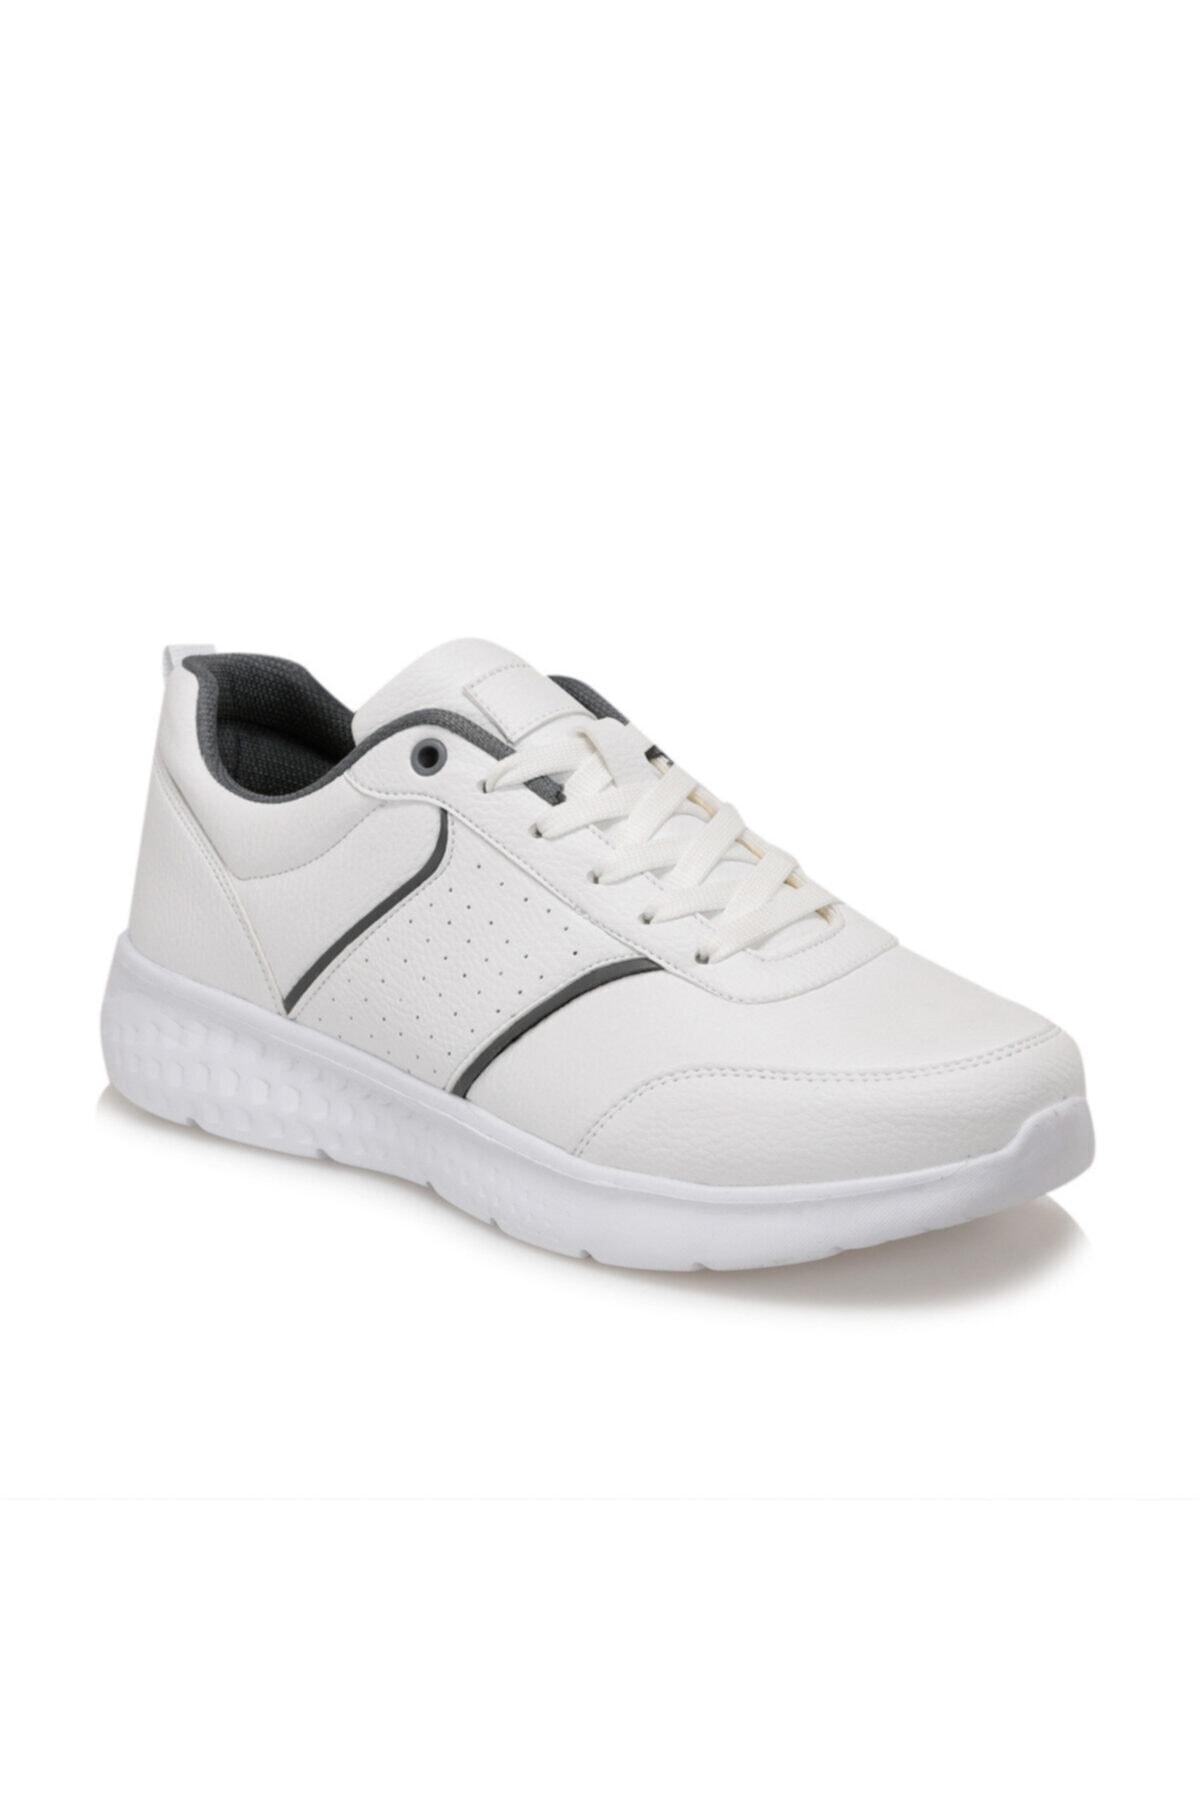 FORESTER EC-2009 Beyaz Erkek Spor Ayakkabı 101015666 1